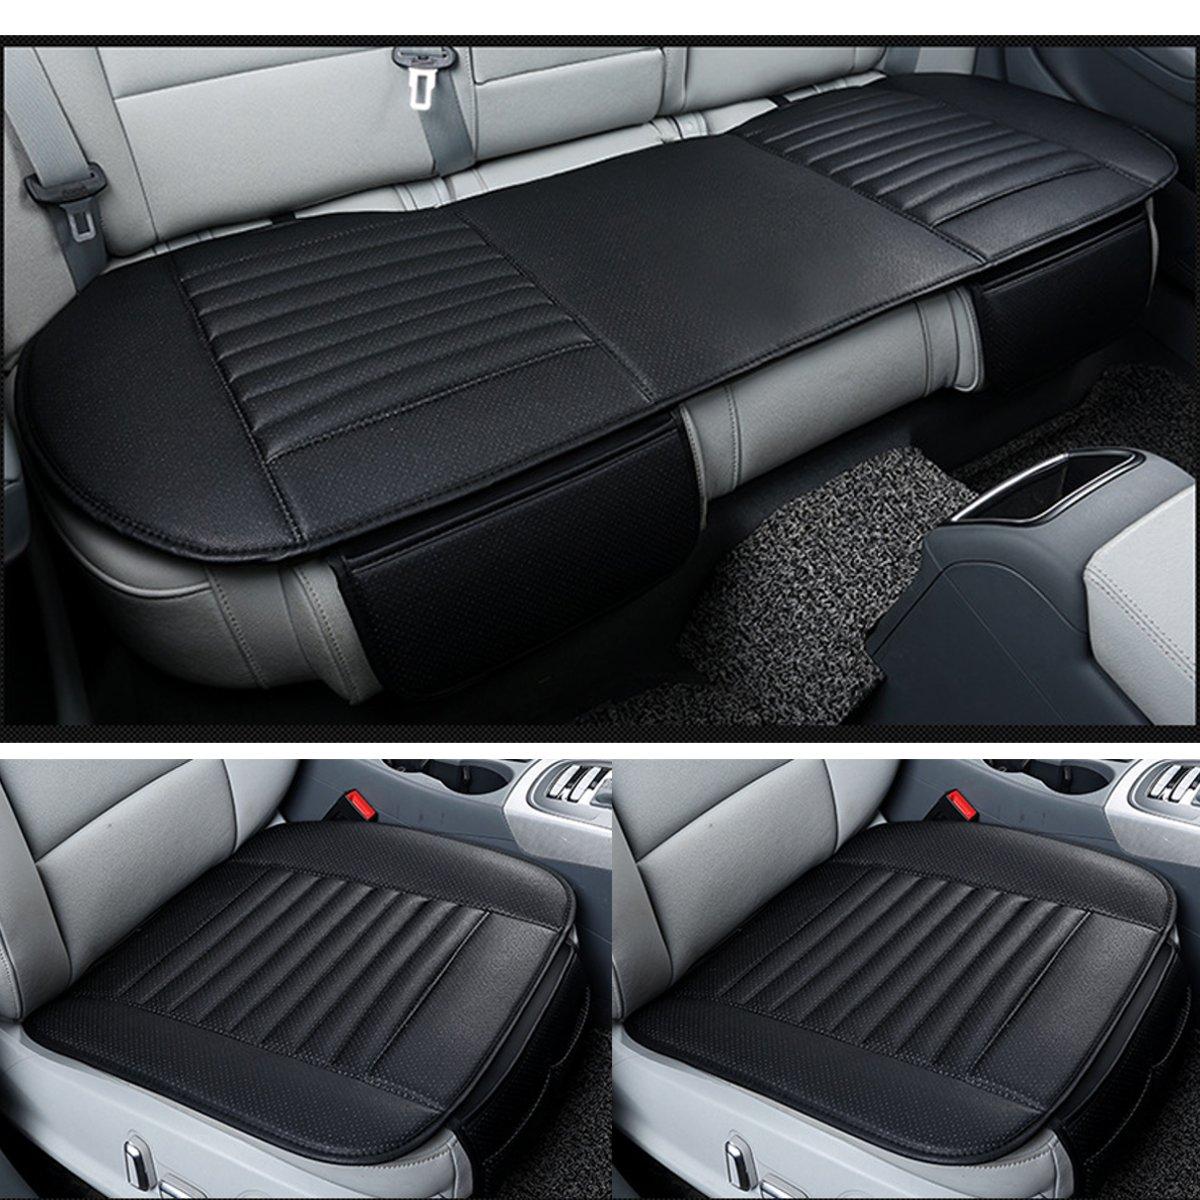 1 комплект для 5 Автомобильное сиденье Обложка зима теплая спереди сзади Подушка заднего сиденья дышащие из искусственной кожи универсальн...